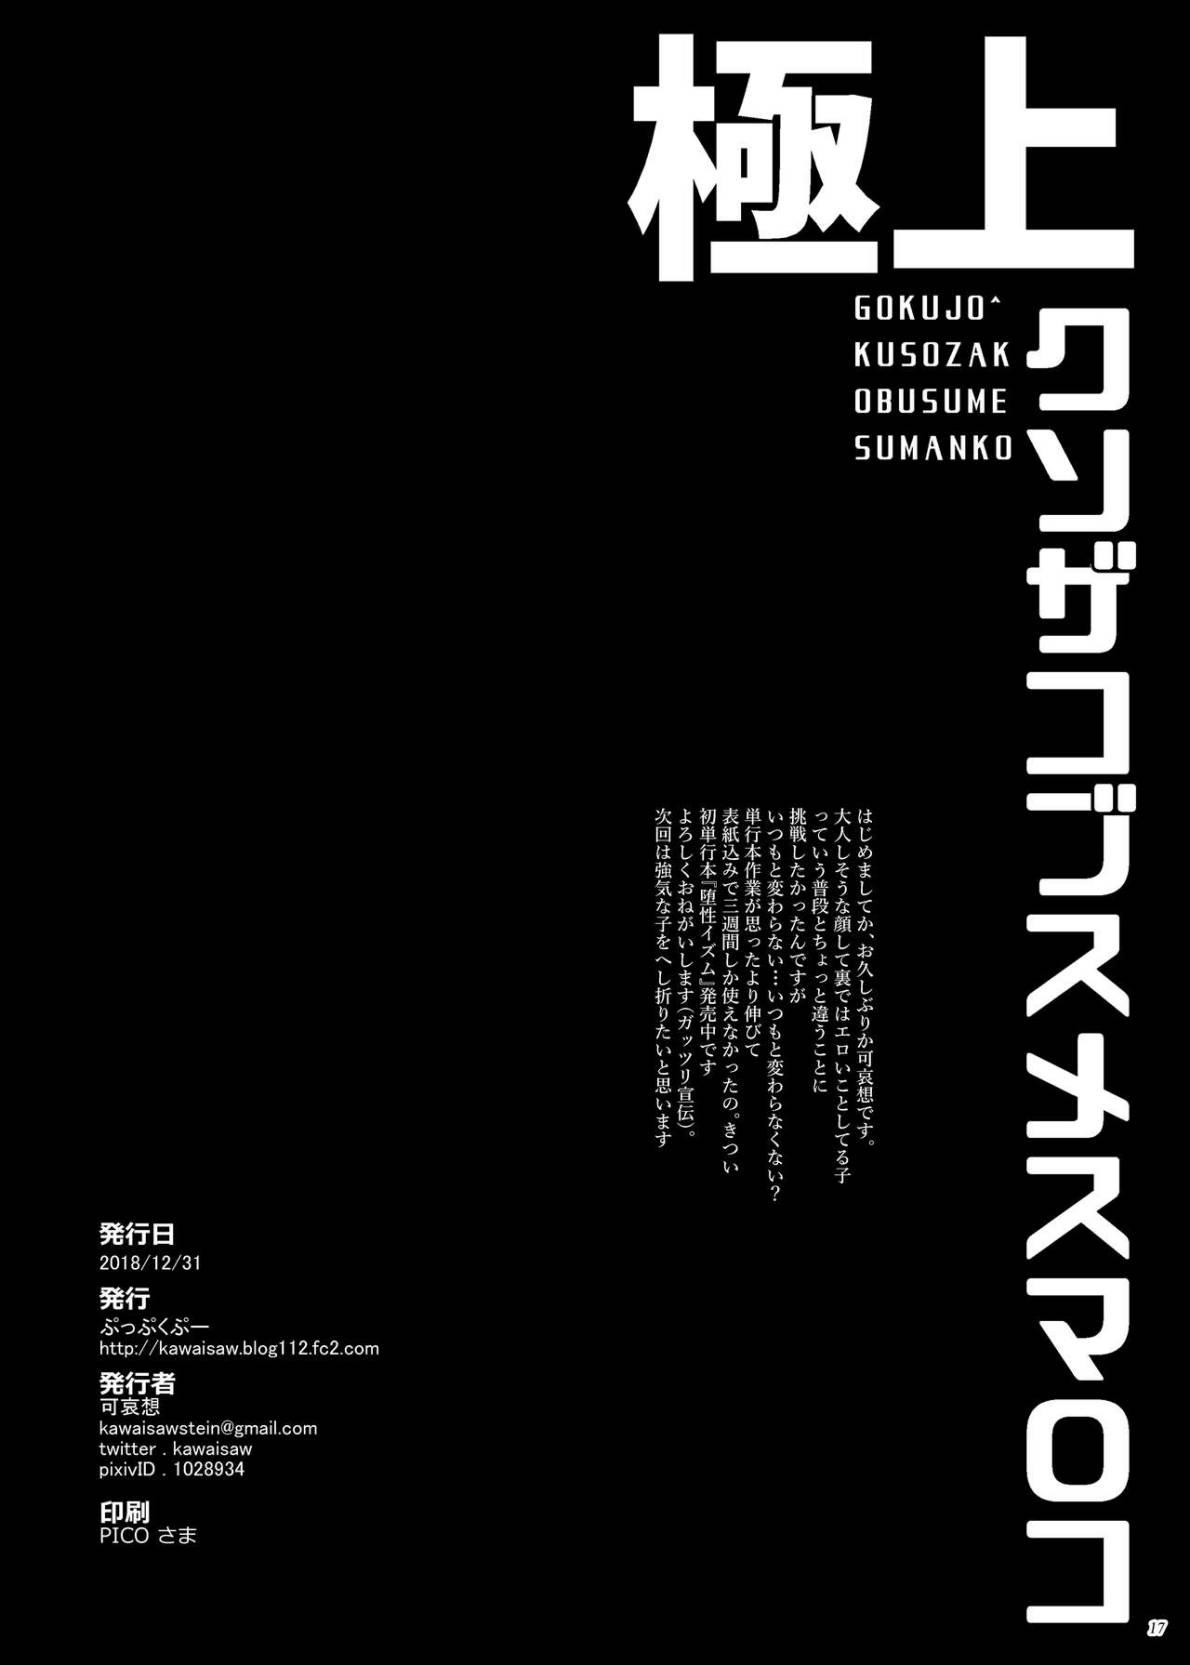 gokujou-kusozako-busumesu-manko-16.jpg